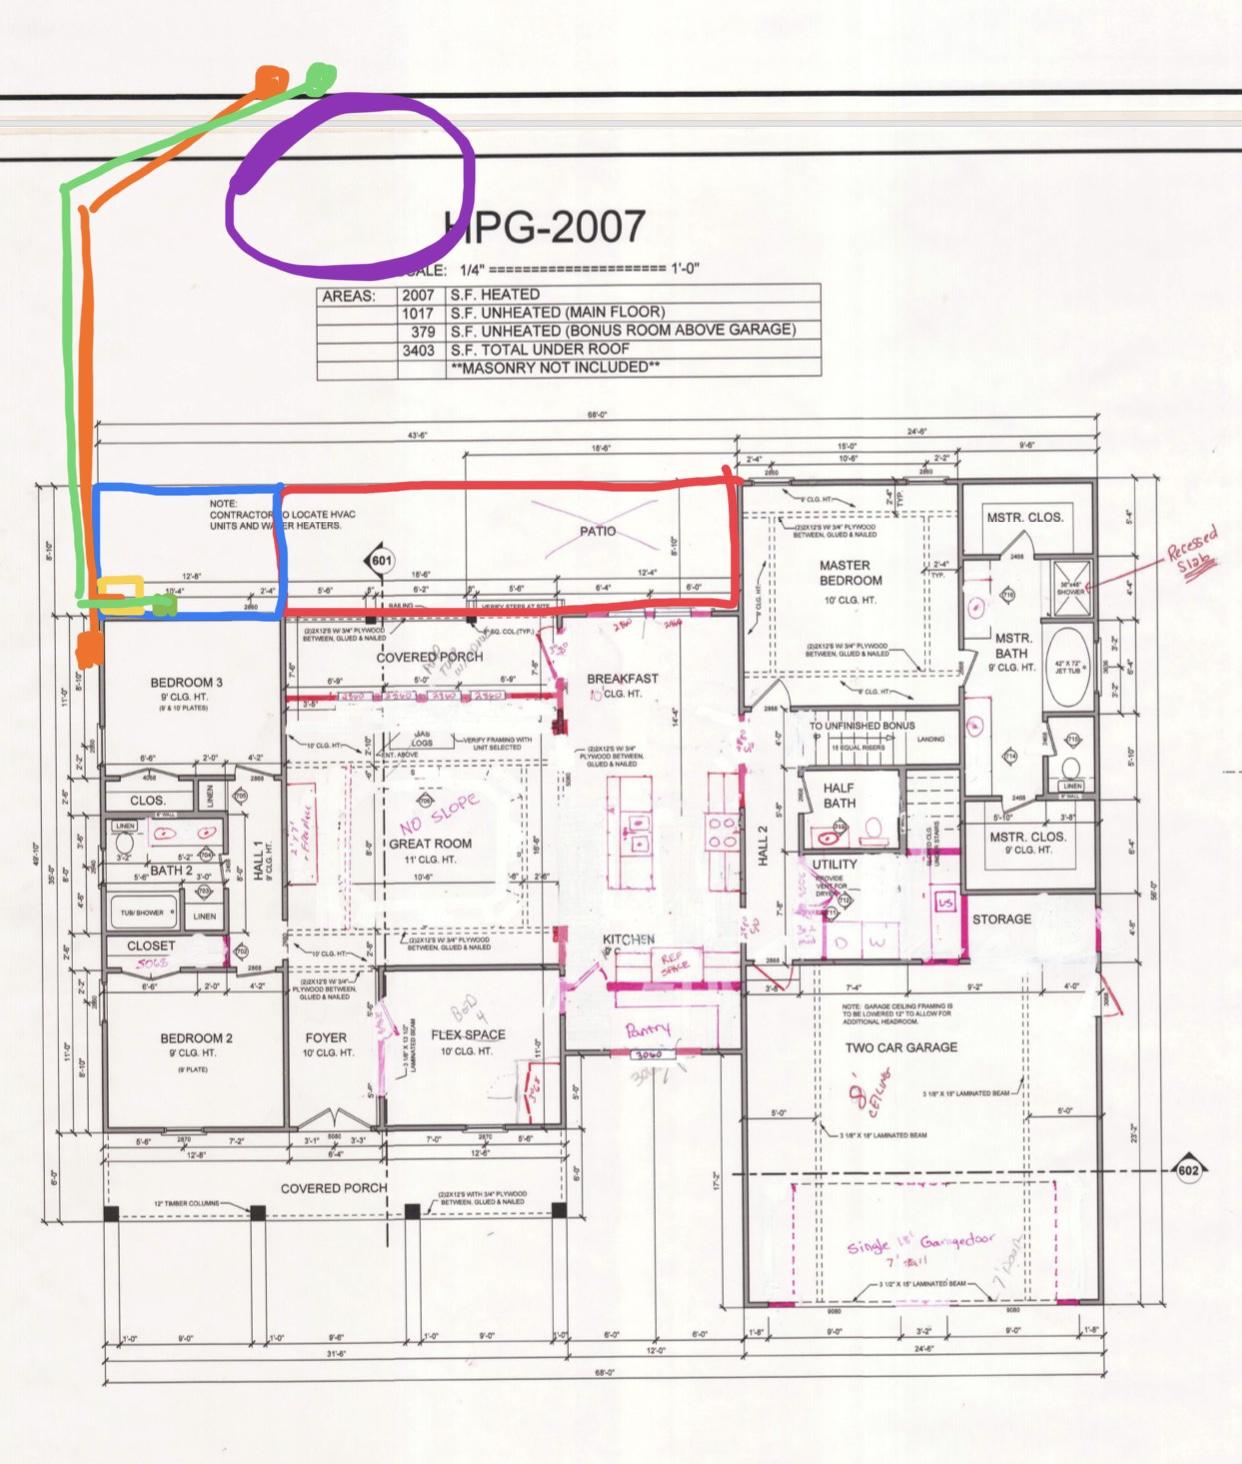 EC0D38FB-7638-4868-9B1A-472D03283235.jpeg